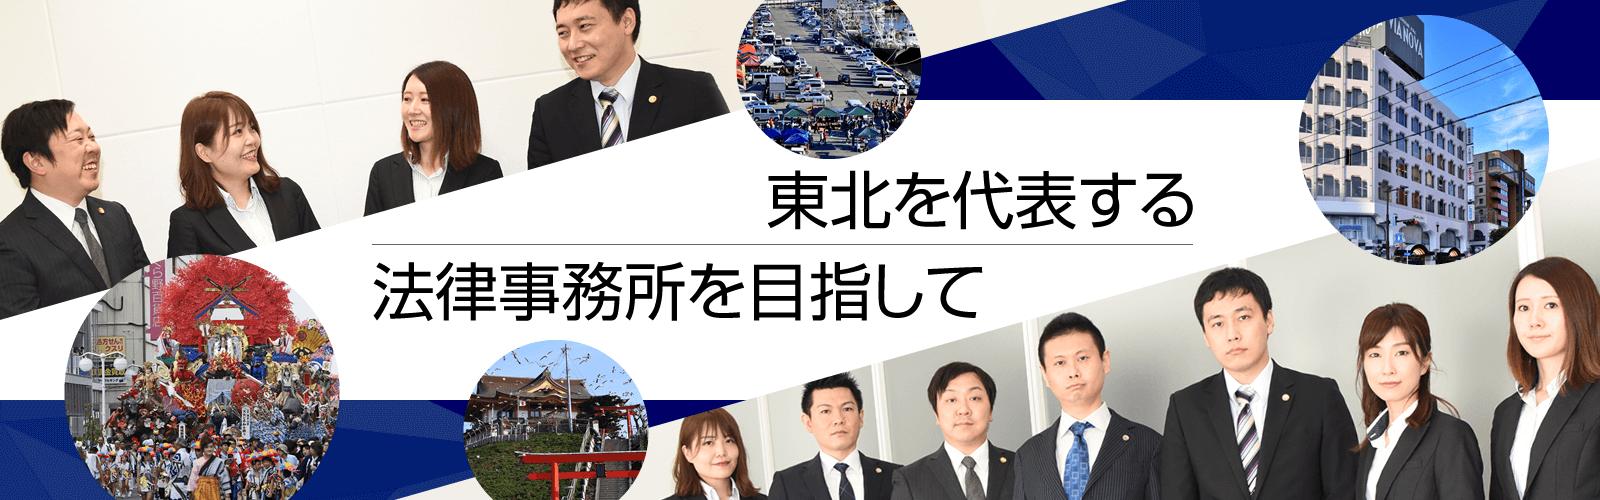 八戸シティ法律事務所の採用サイト